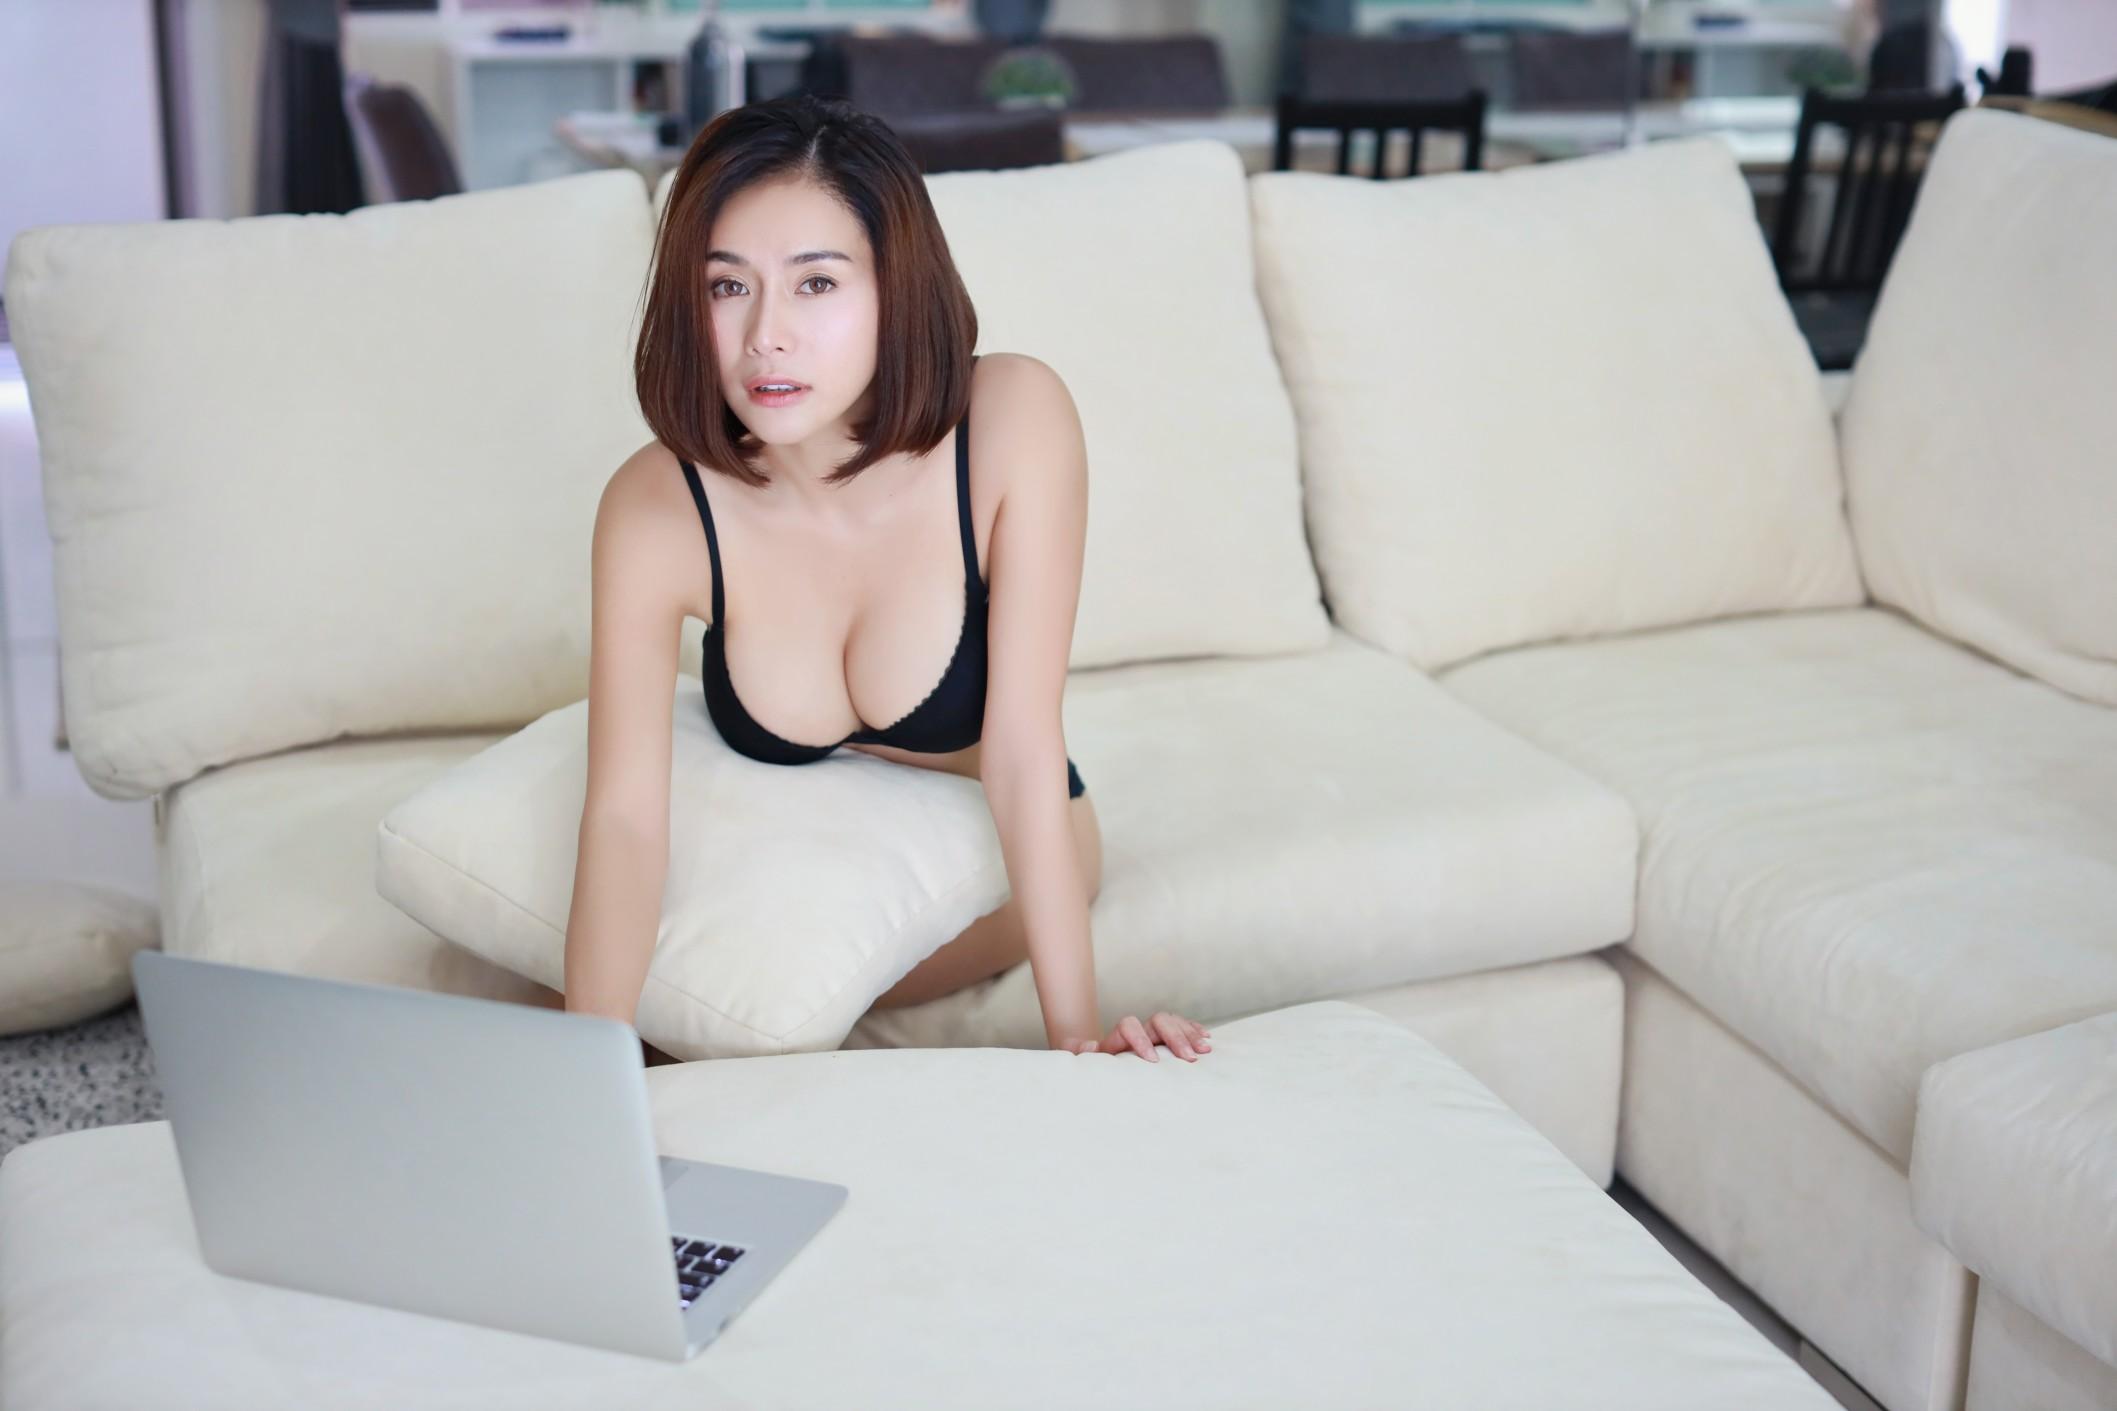 comment rencontrer des femmes asiatiques)